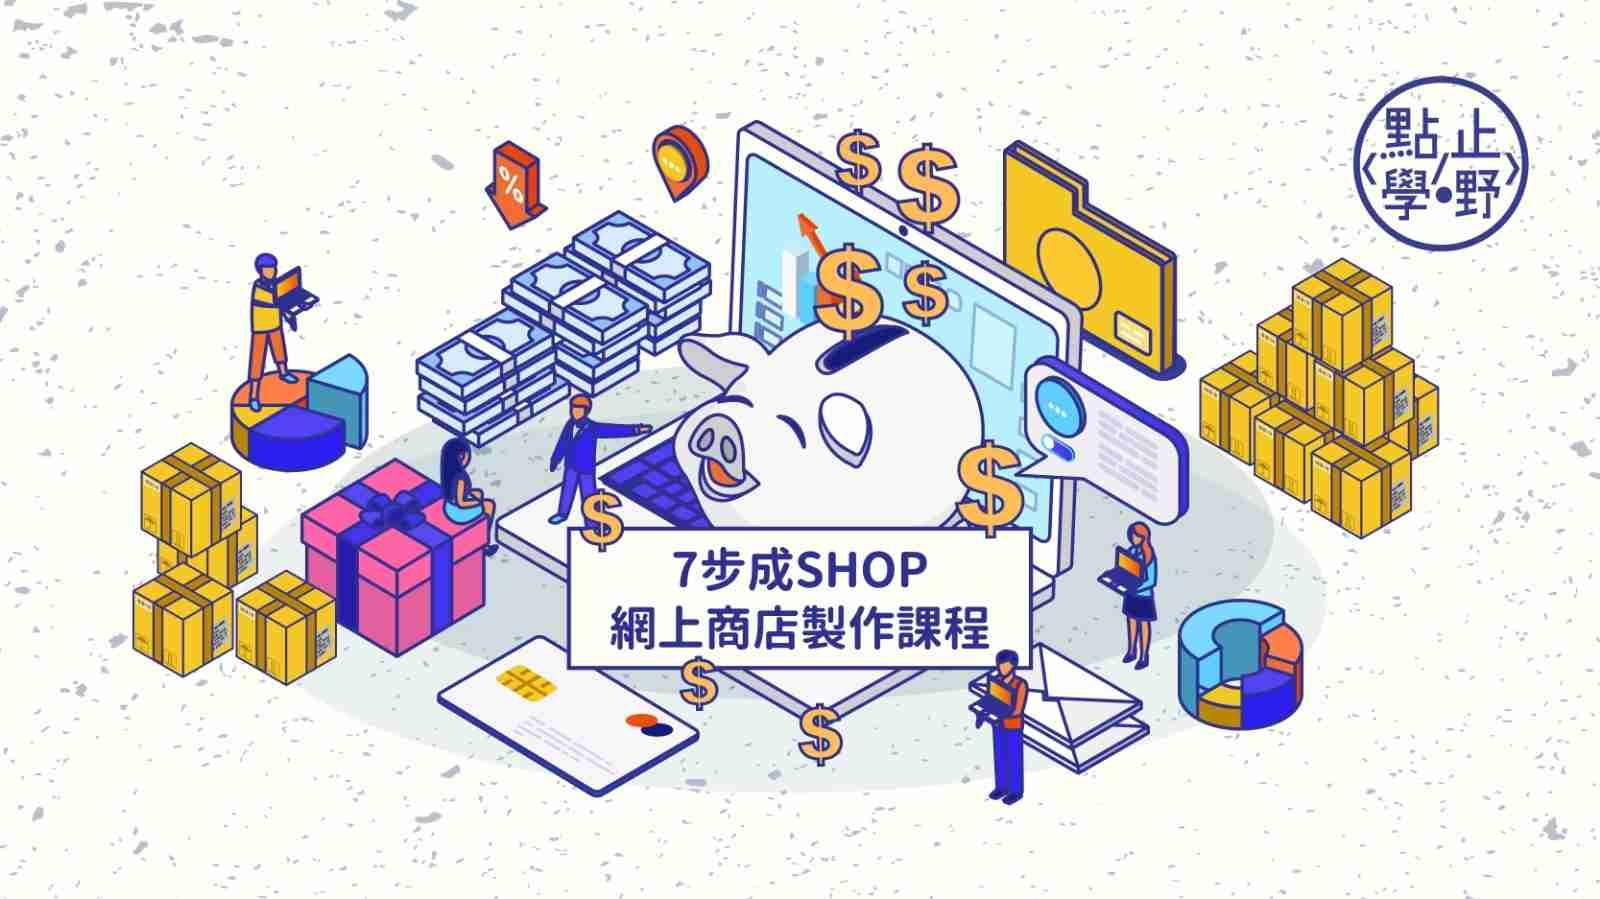 網上商店課程_7步成shop